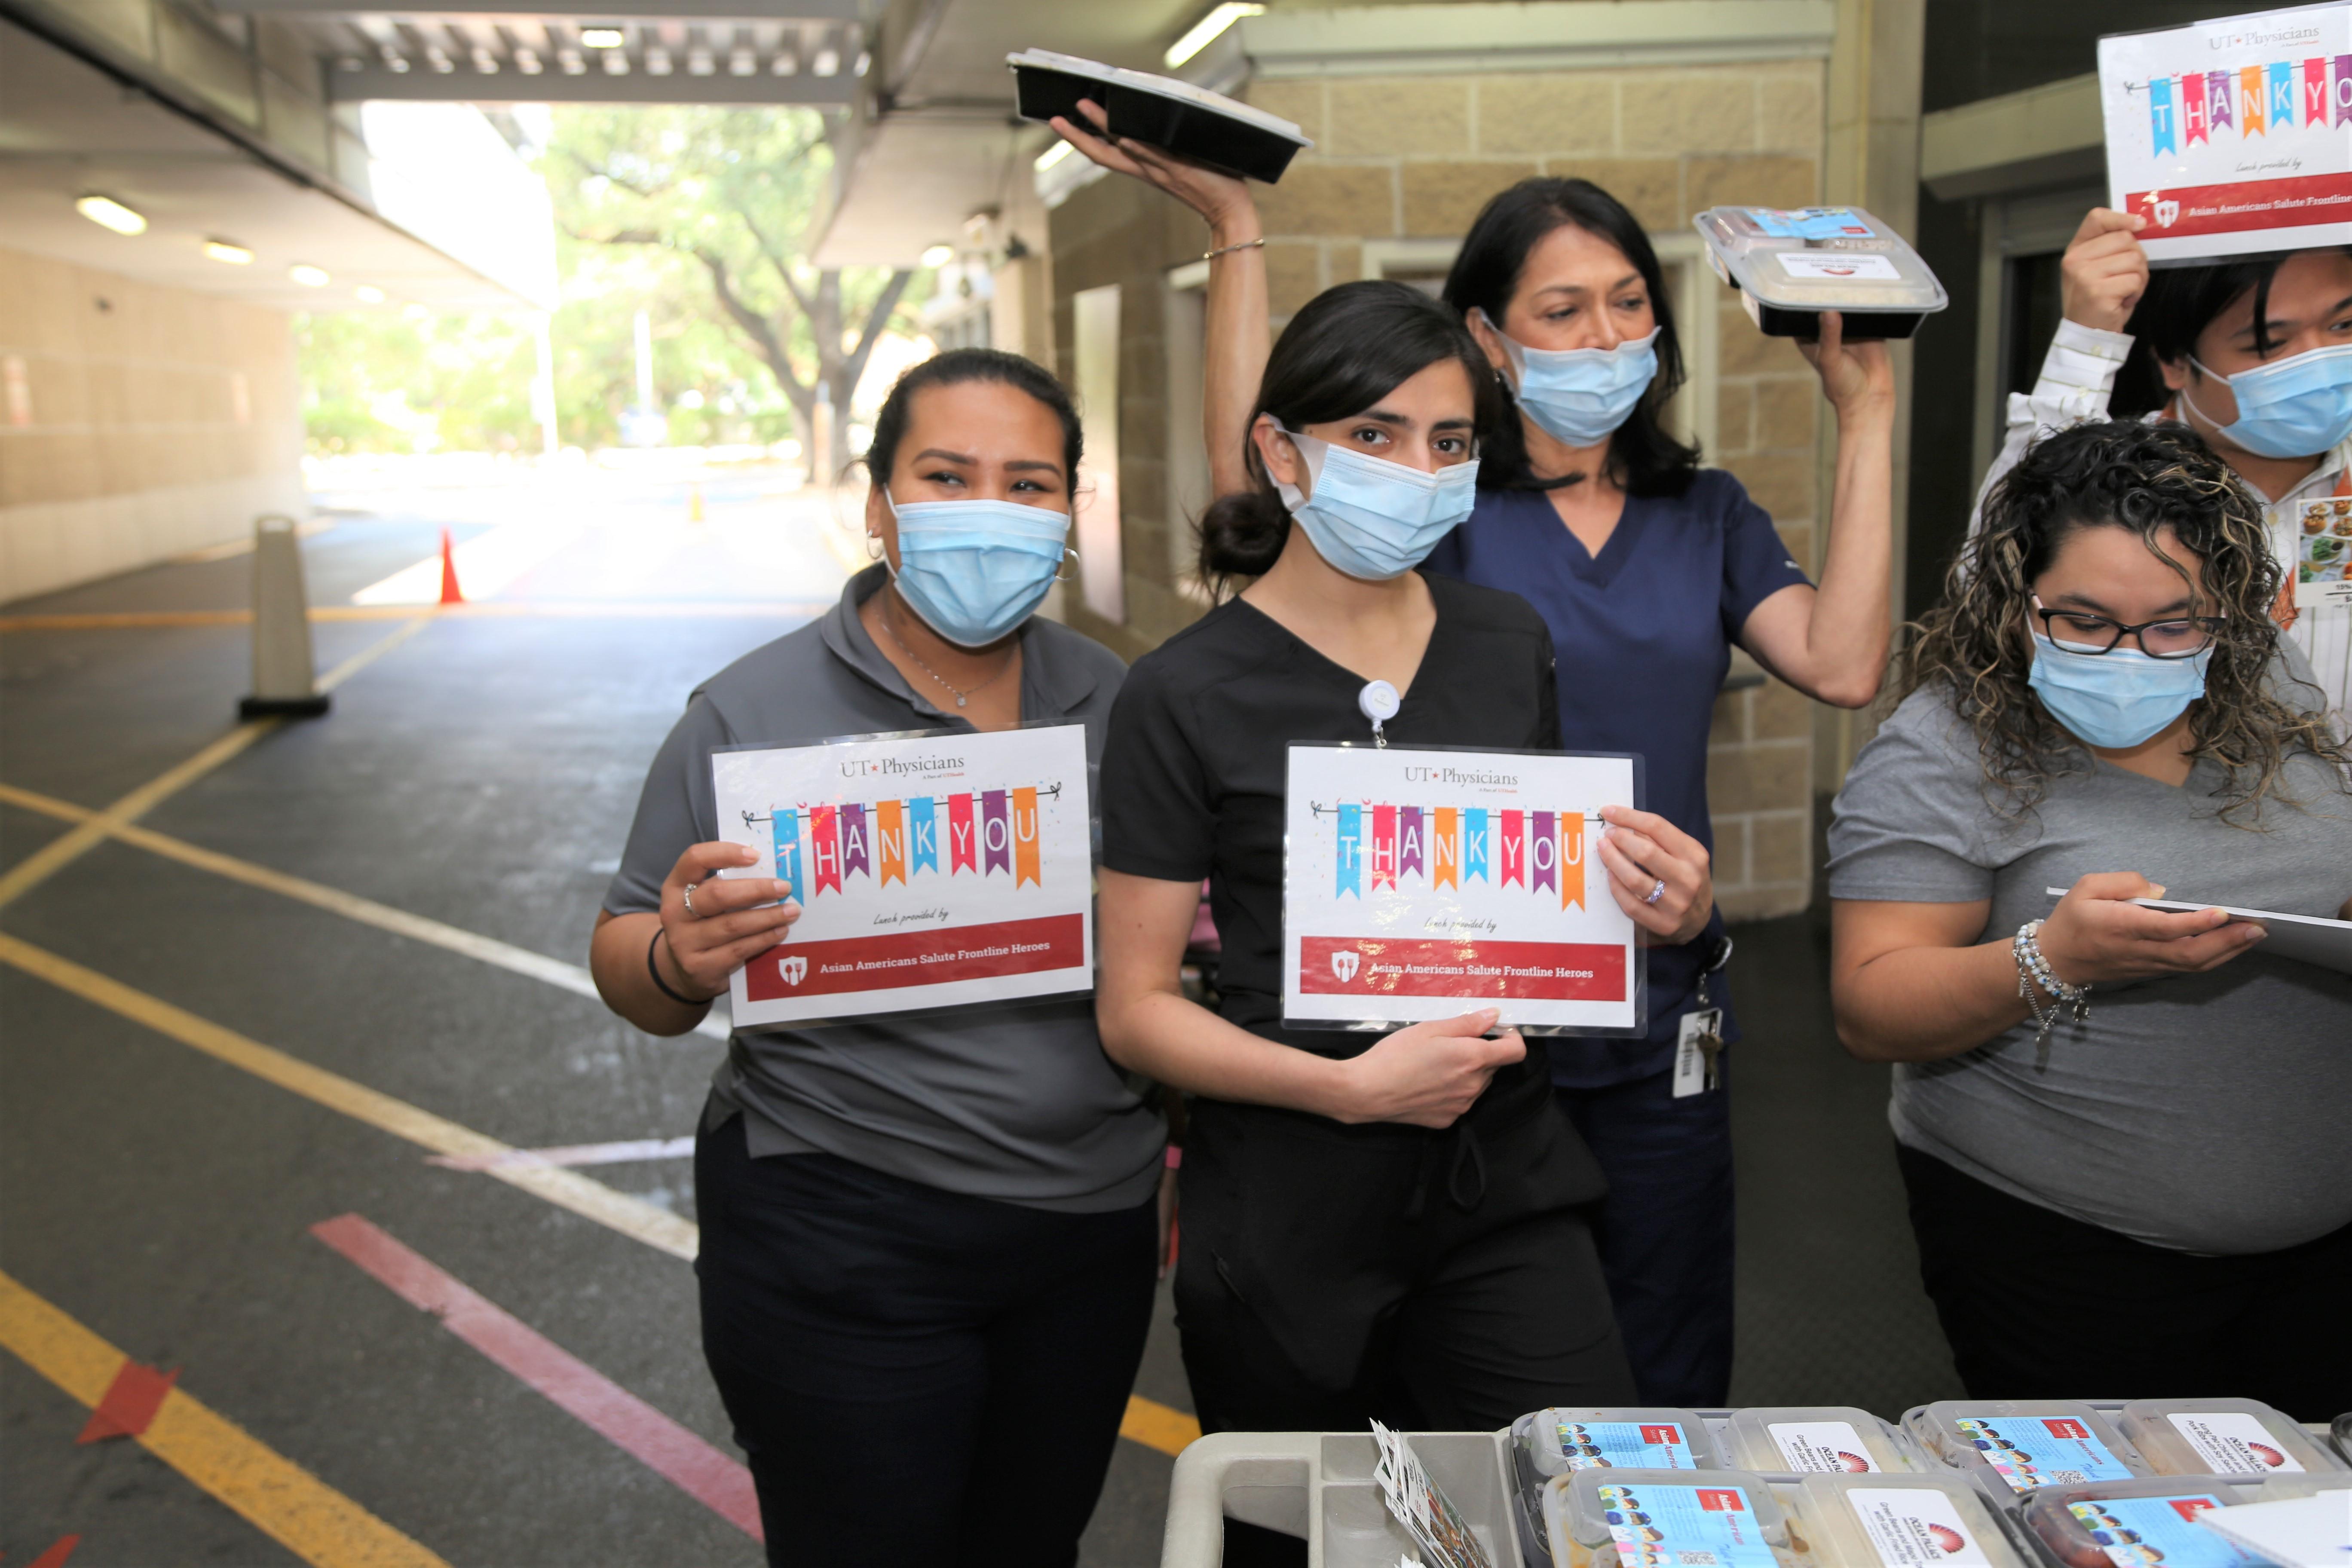 德州大學醫學院的護士們開心展示拿到的飯盒。(記者封昌明/攝影)